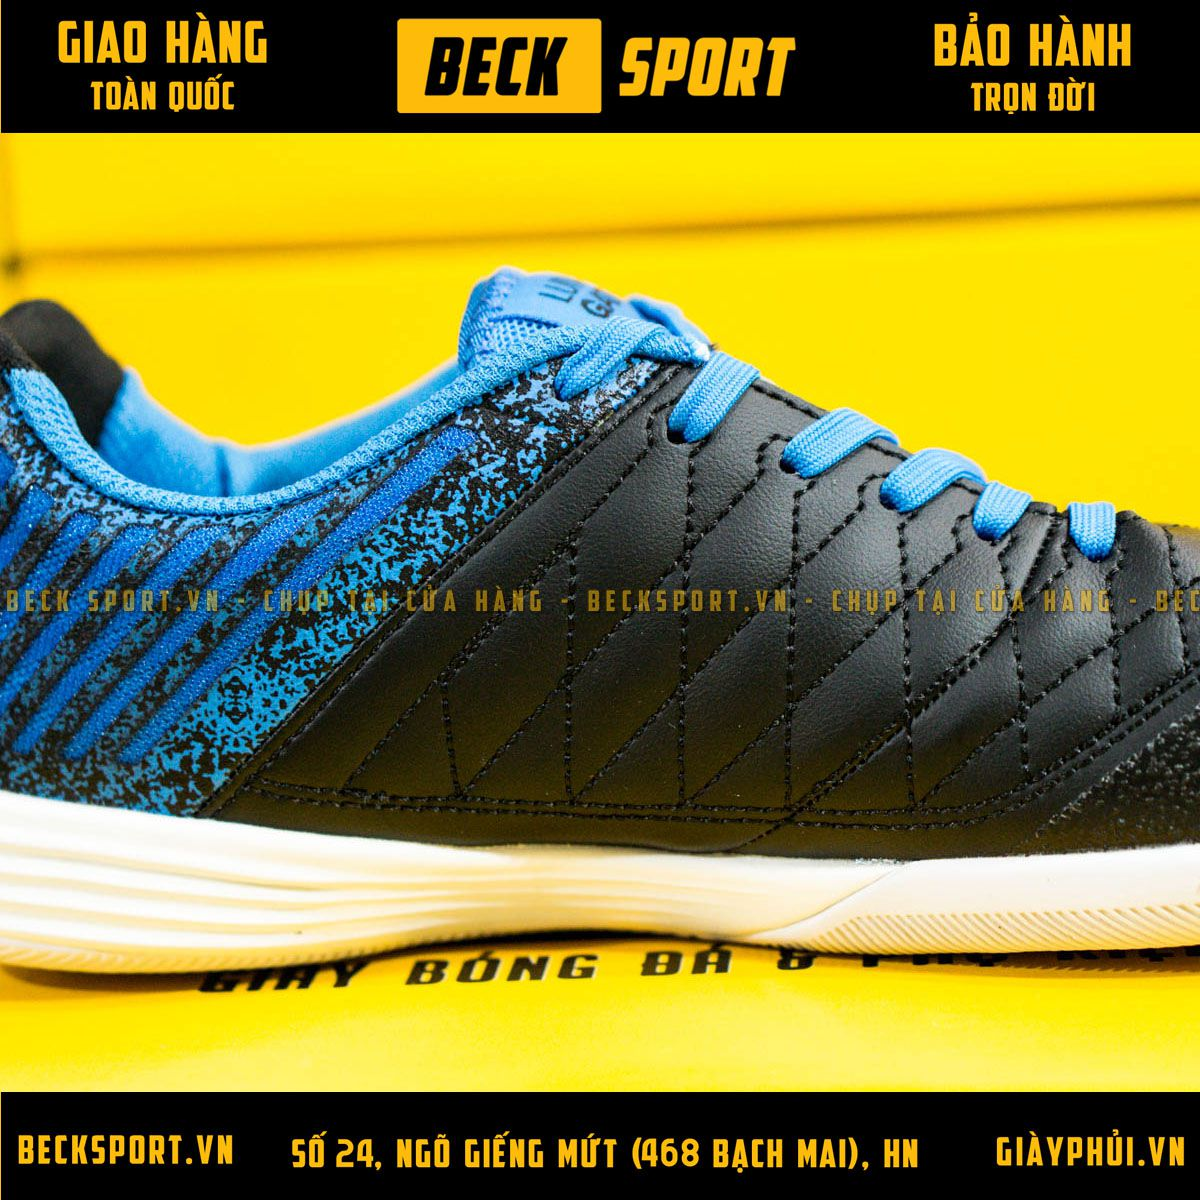 Giày Bóng Đá Nike Lunar Gato II Đen Gót Xanh Biển Đế Trắng IC